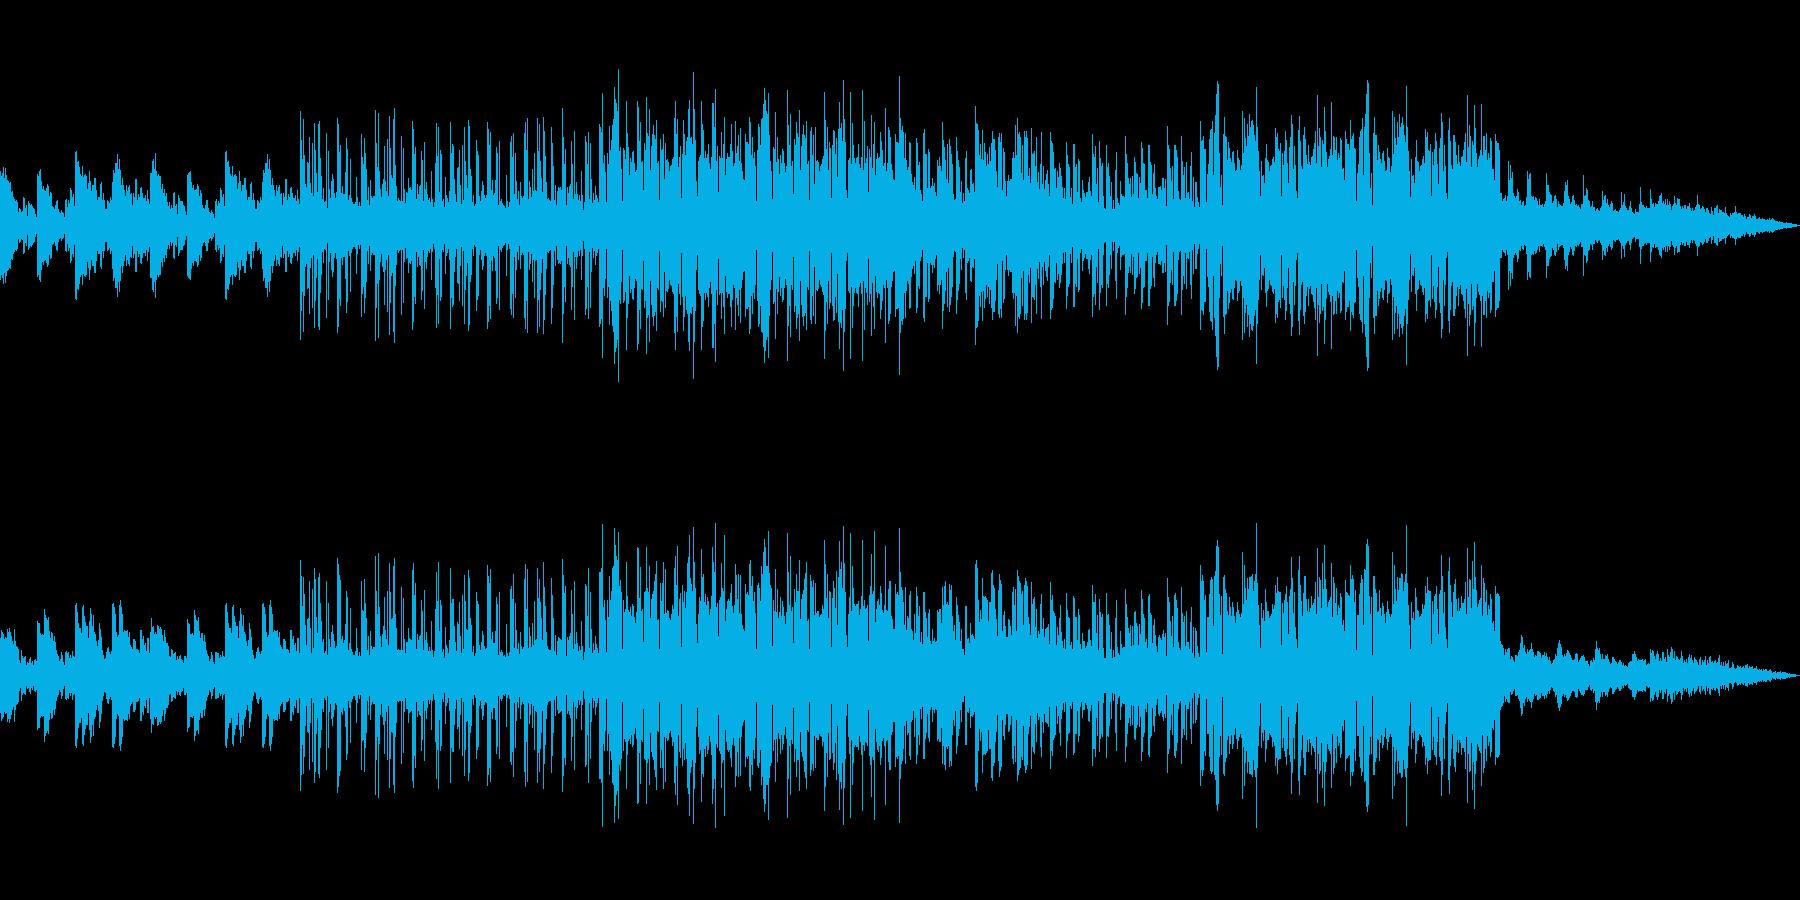 切ない雰囲気のチルアンビエントの再生済みの波形